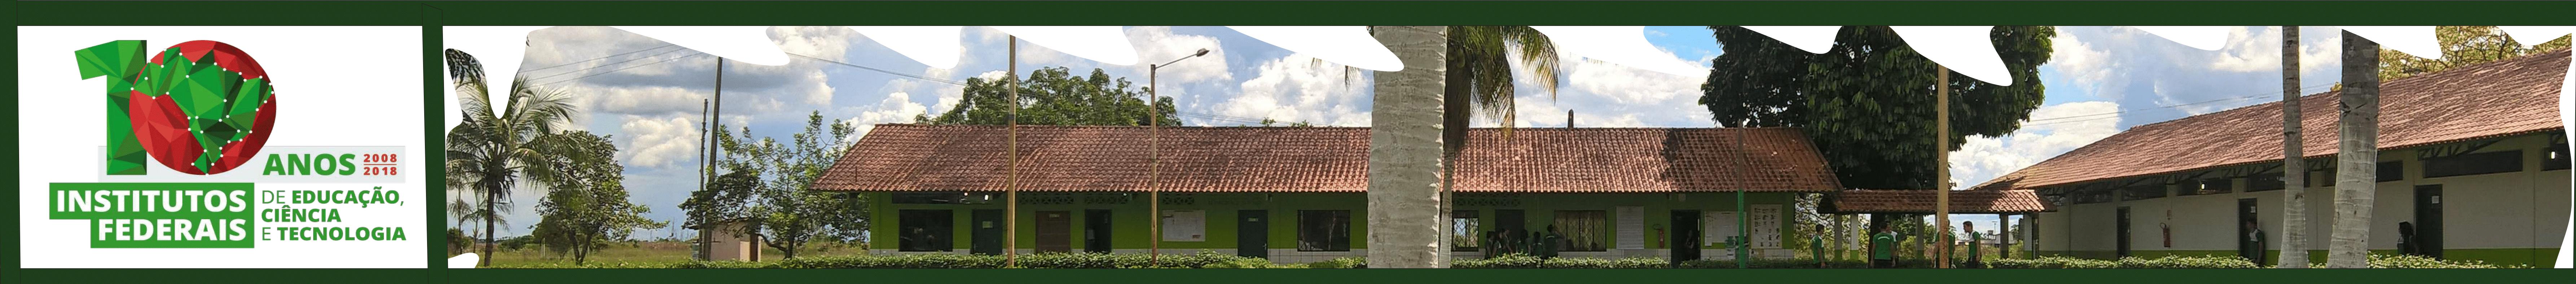 Campus Humaitá